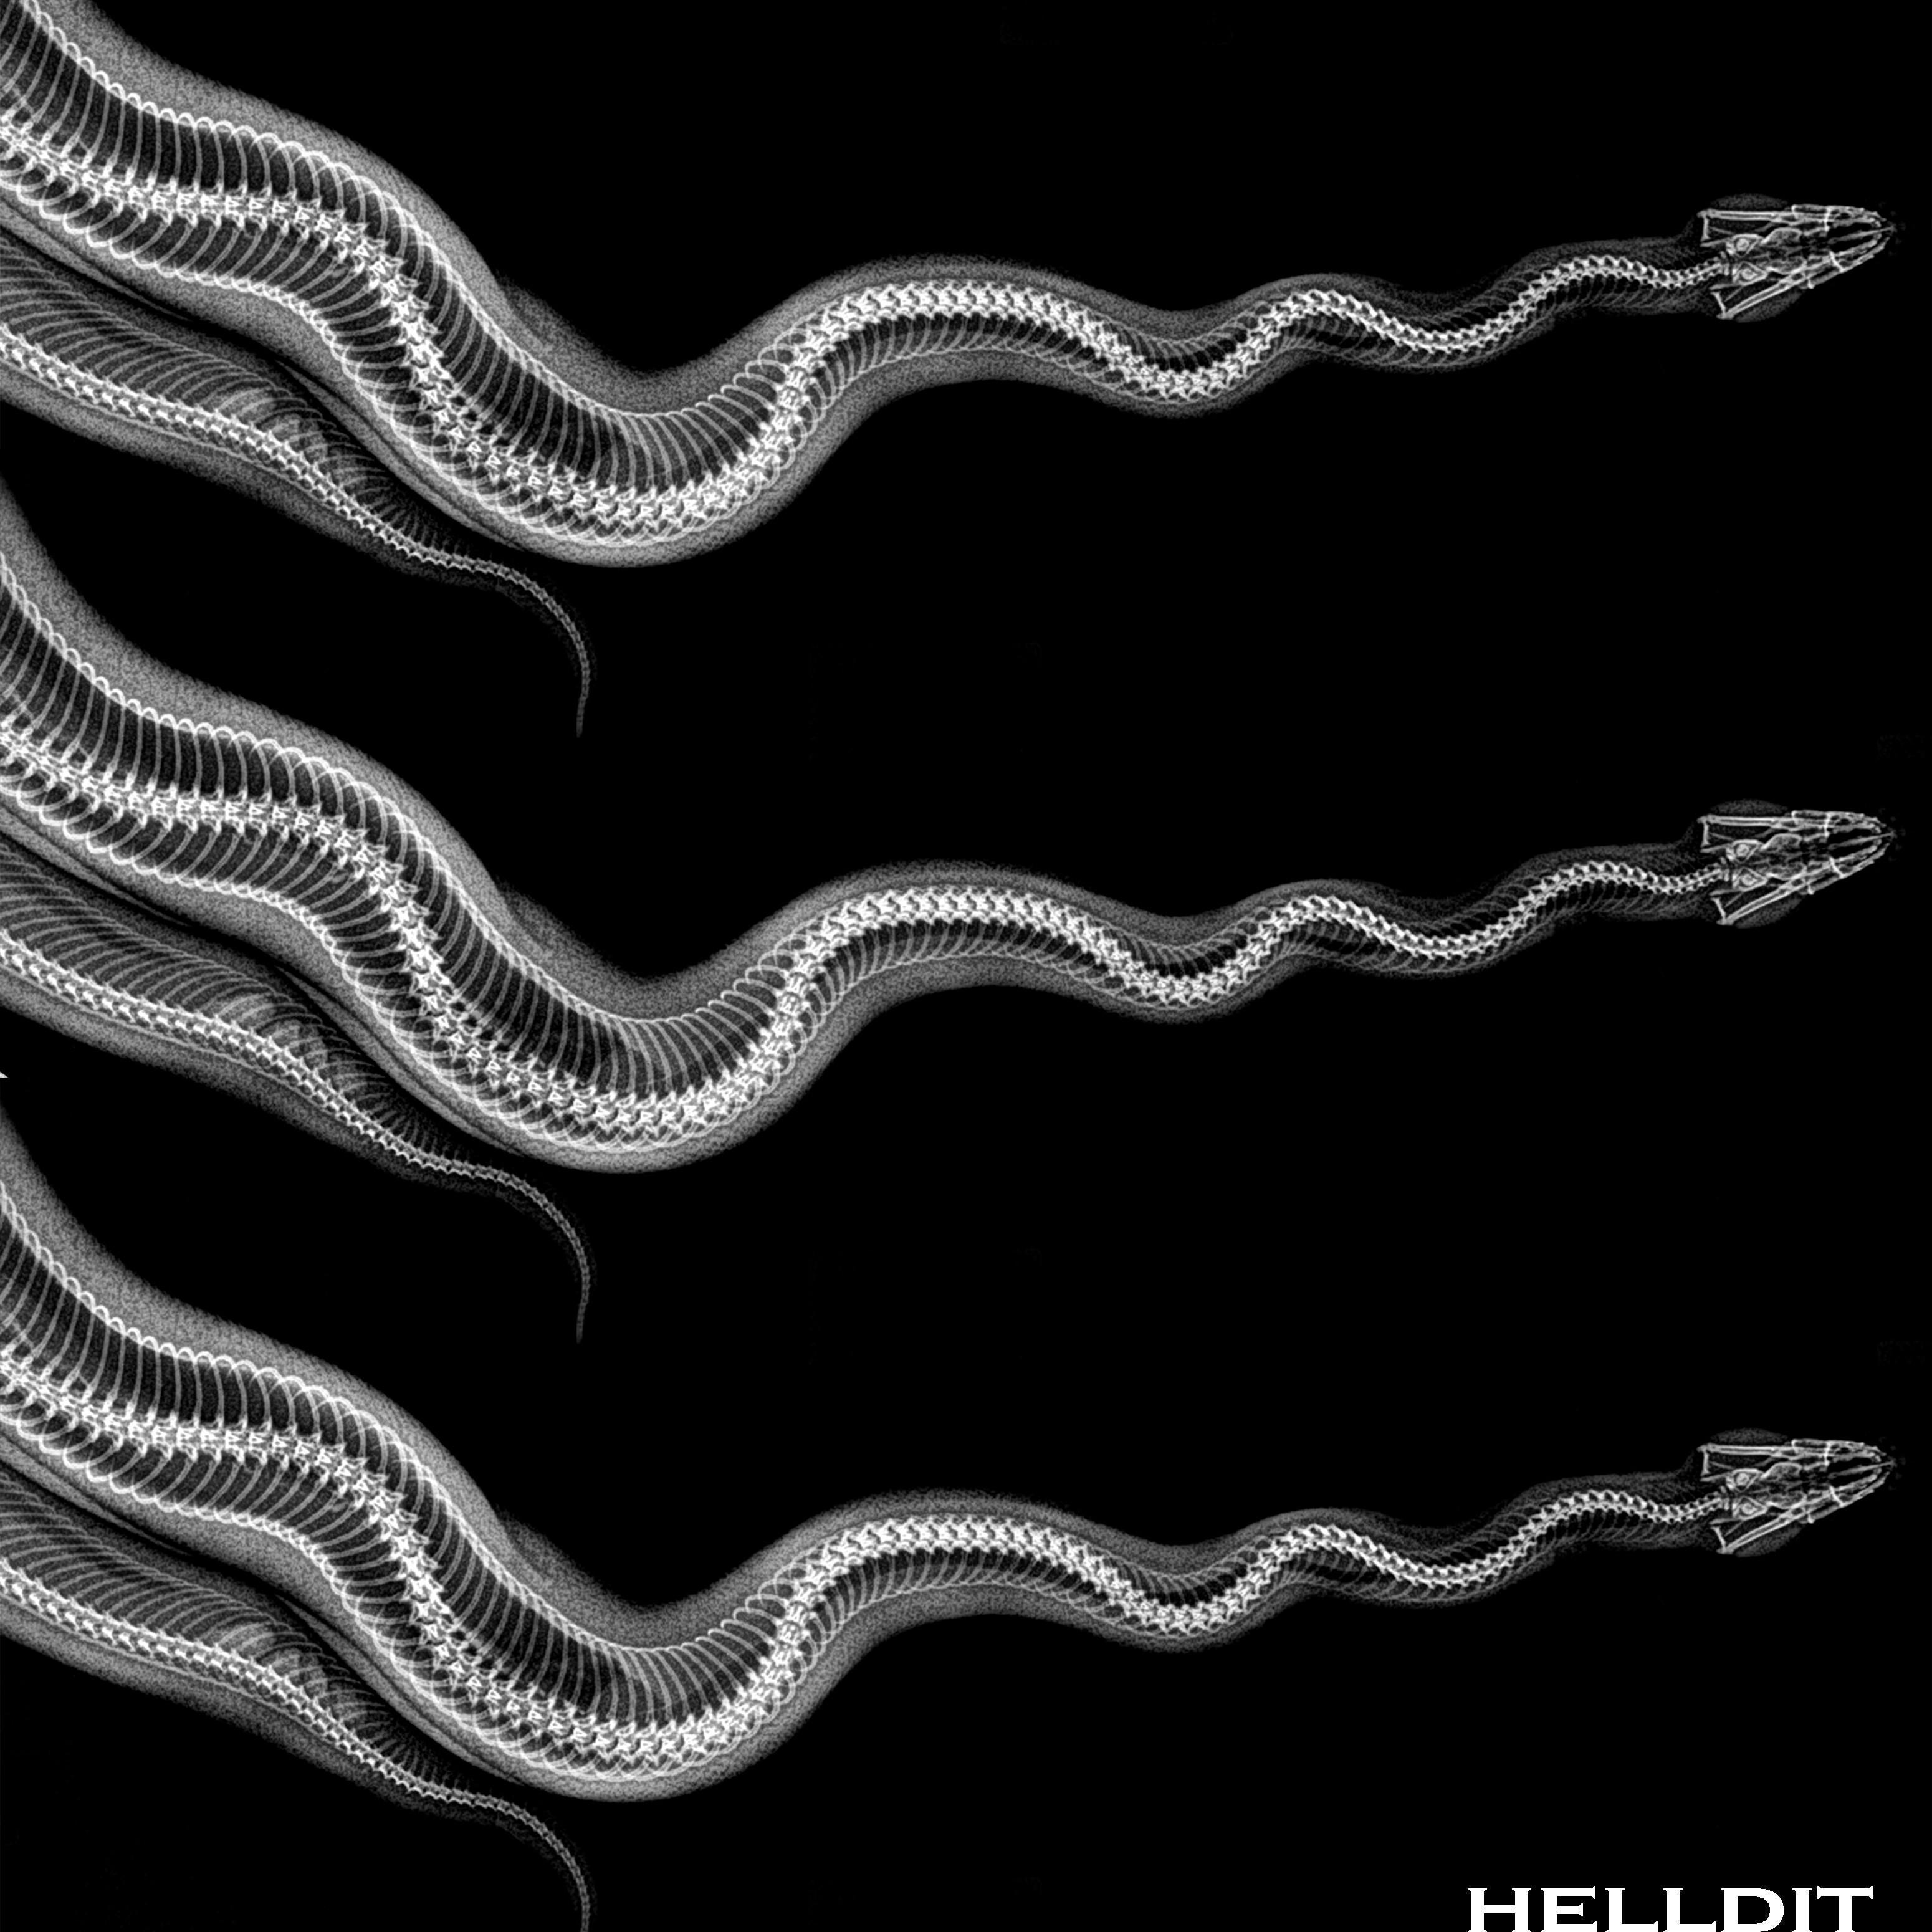 Helldit